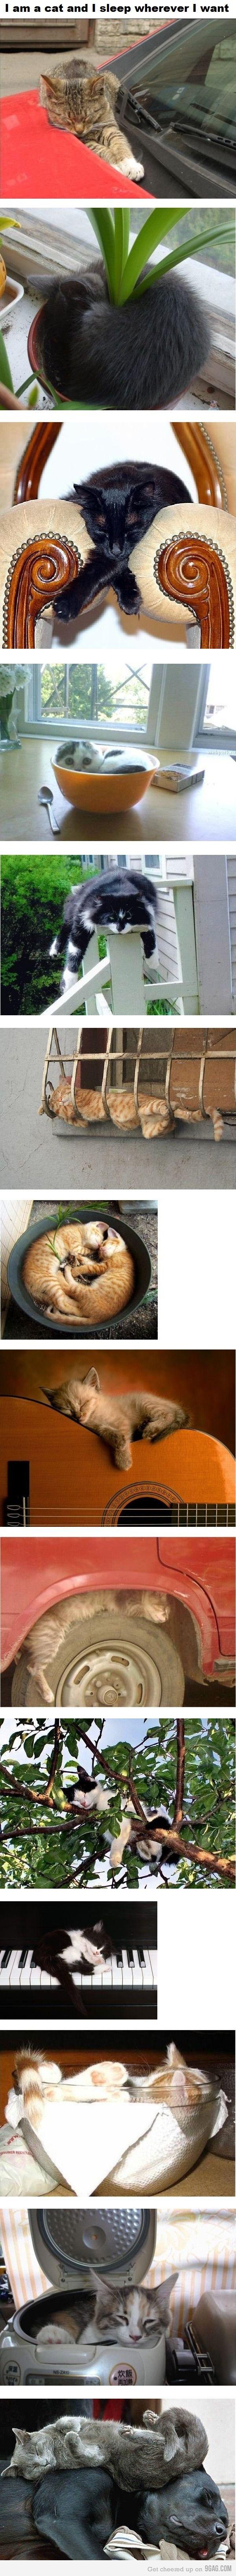 kitties :-D